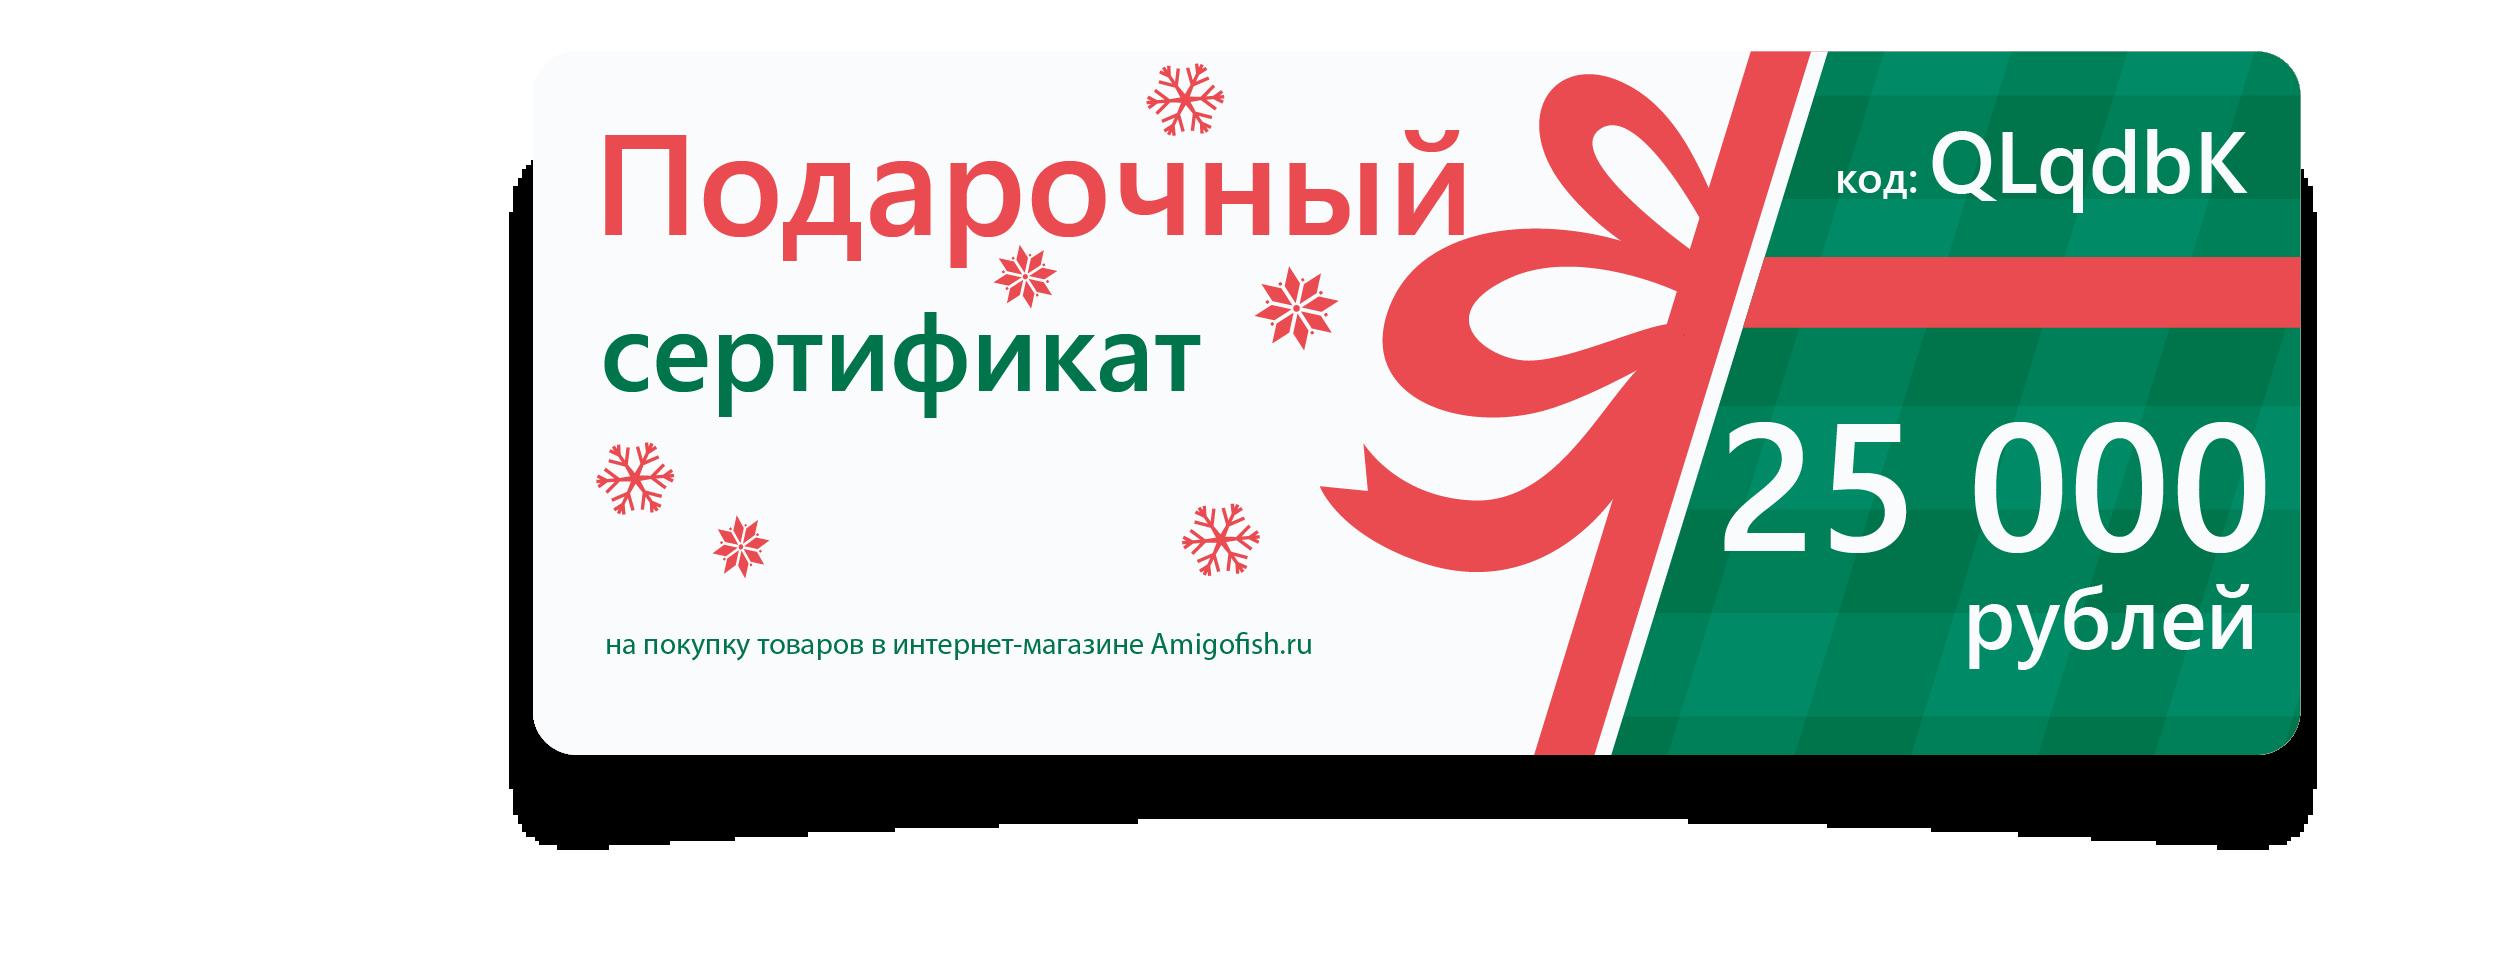 Подарочный сертификат на 25000 руб.